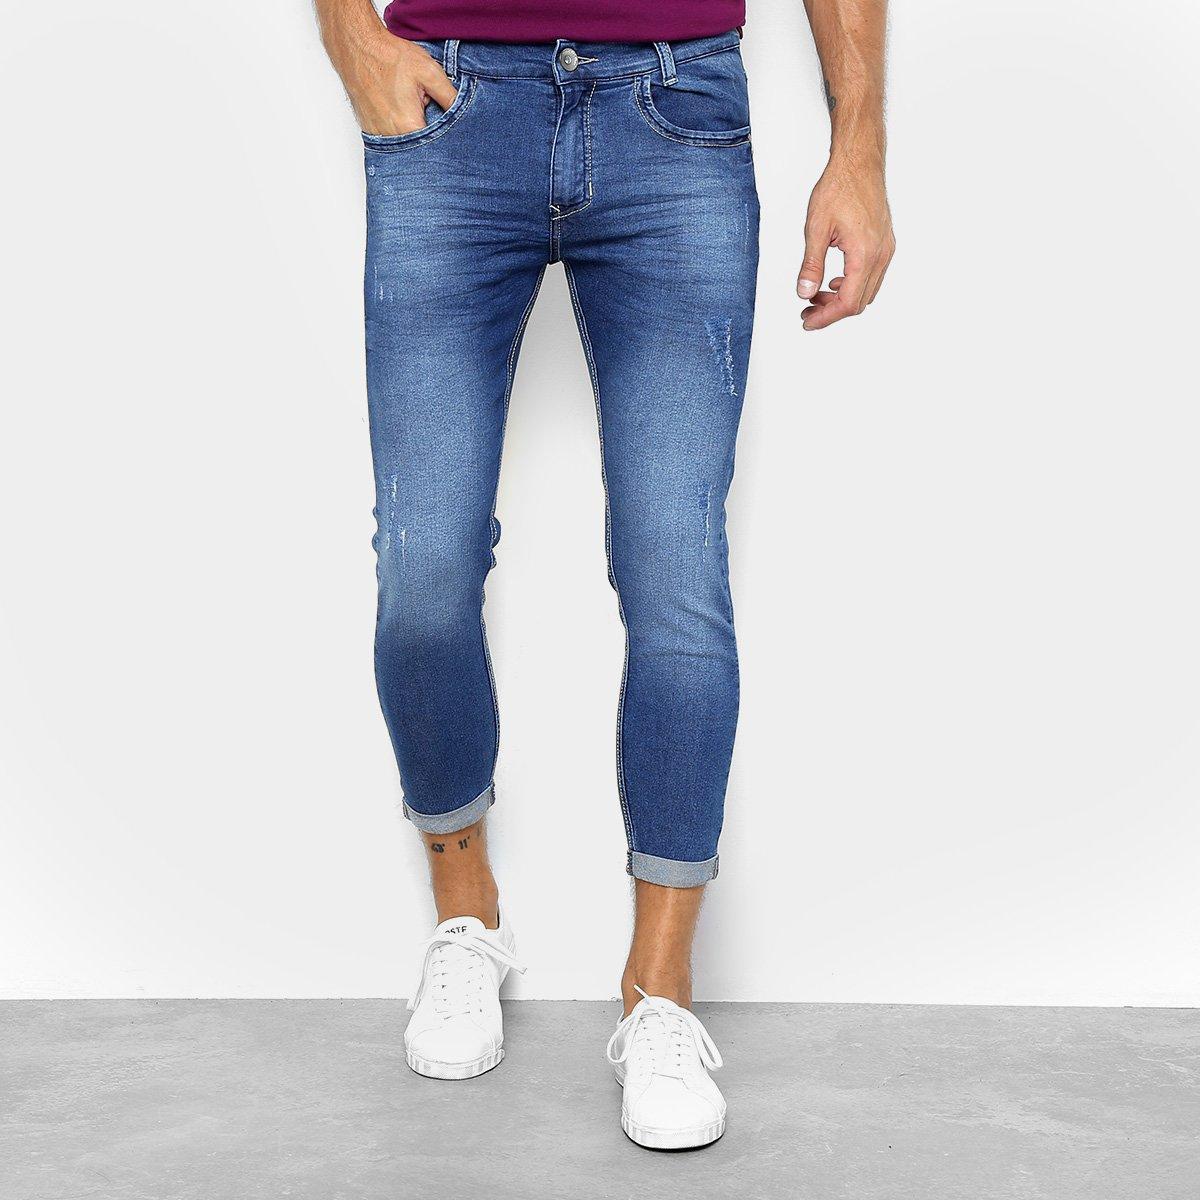 c993d9b02 Calça Jeans Cropped Preston Barra Dobrada Masculina